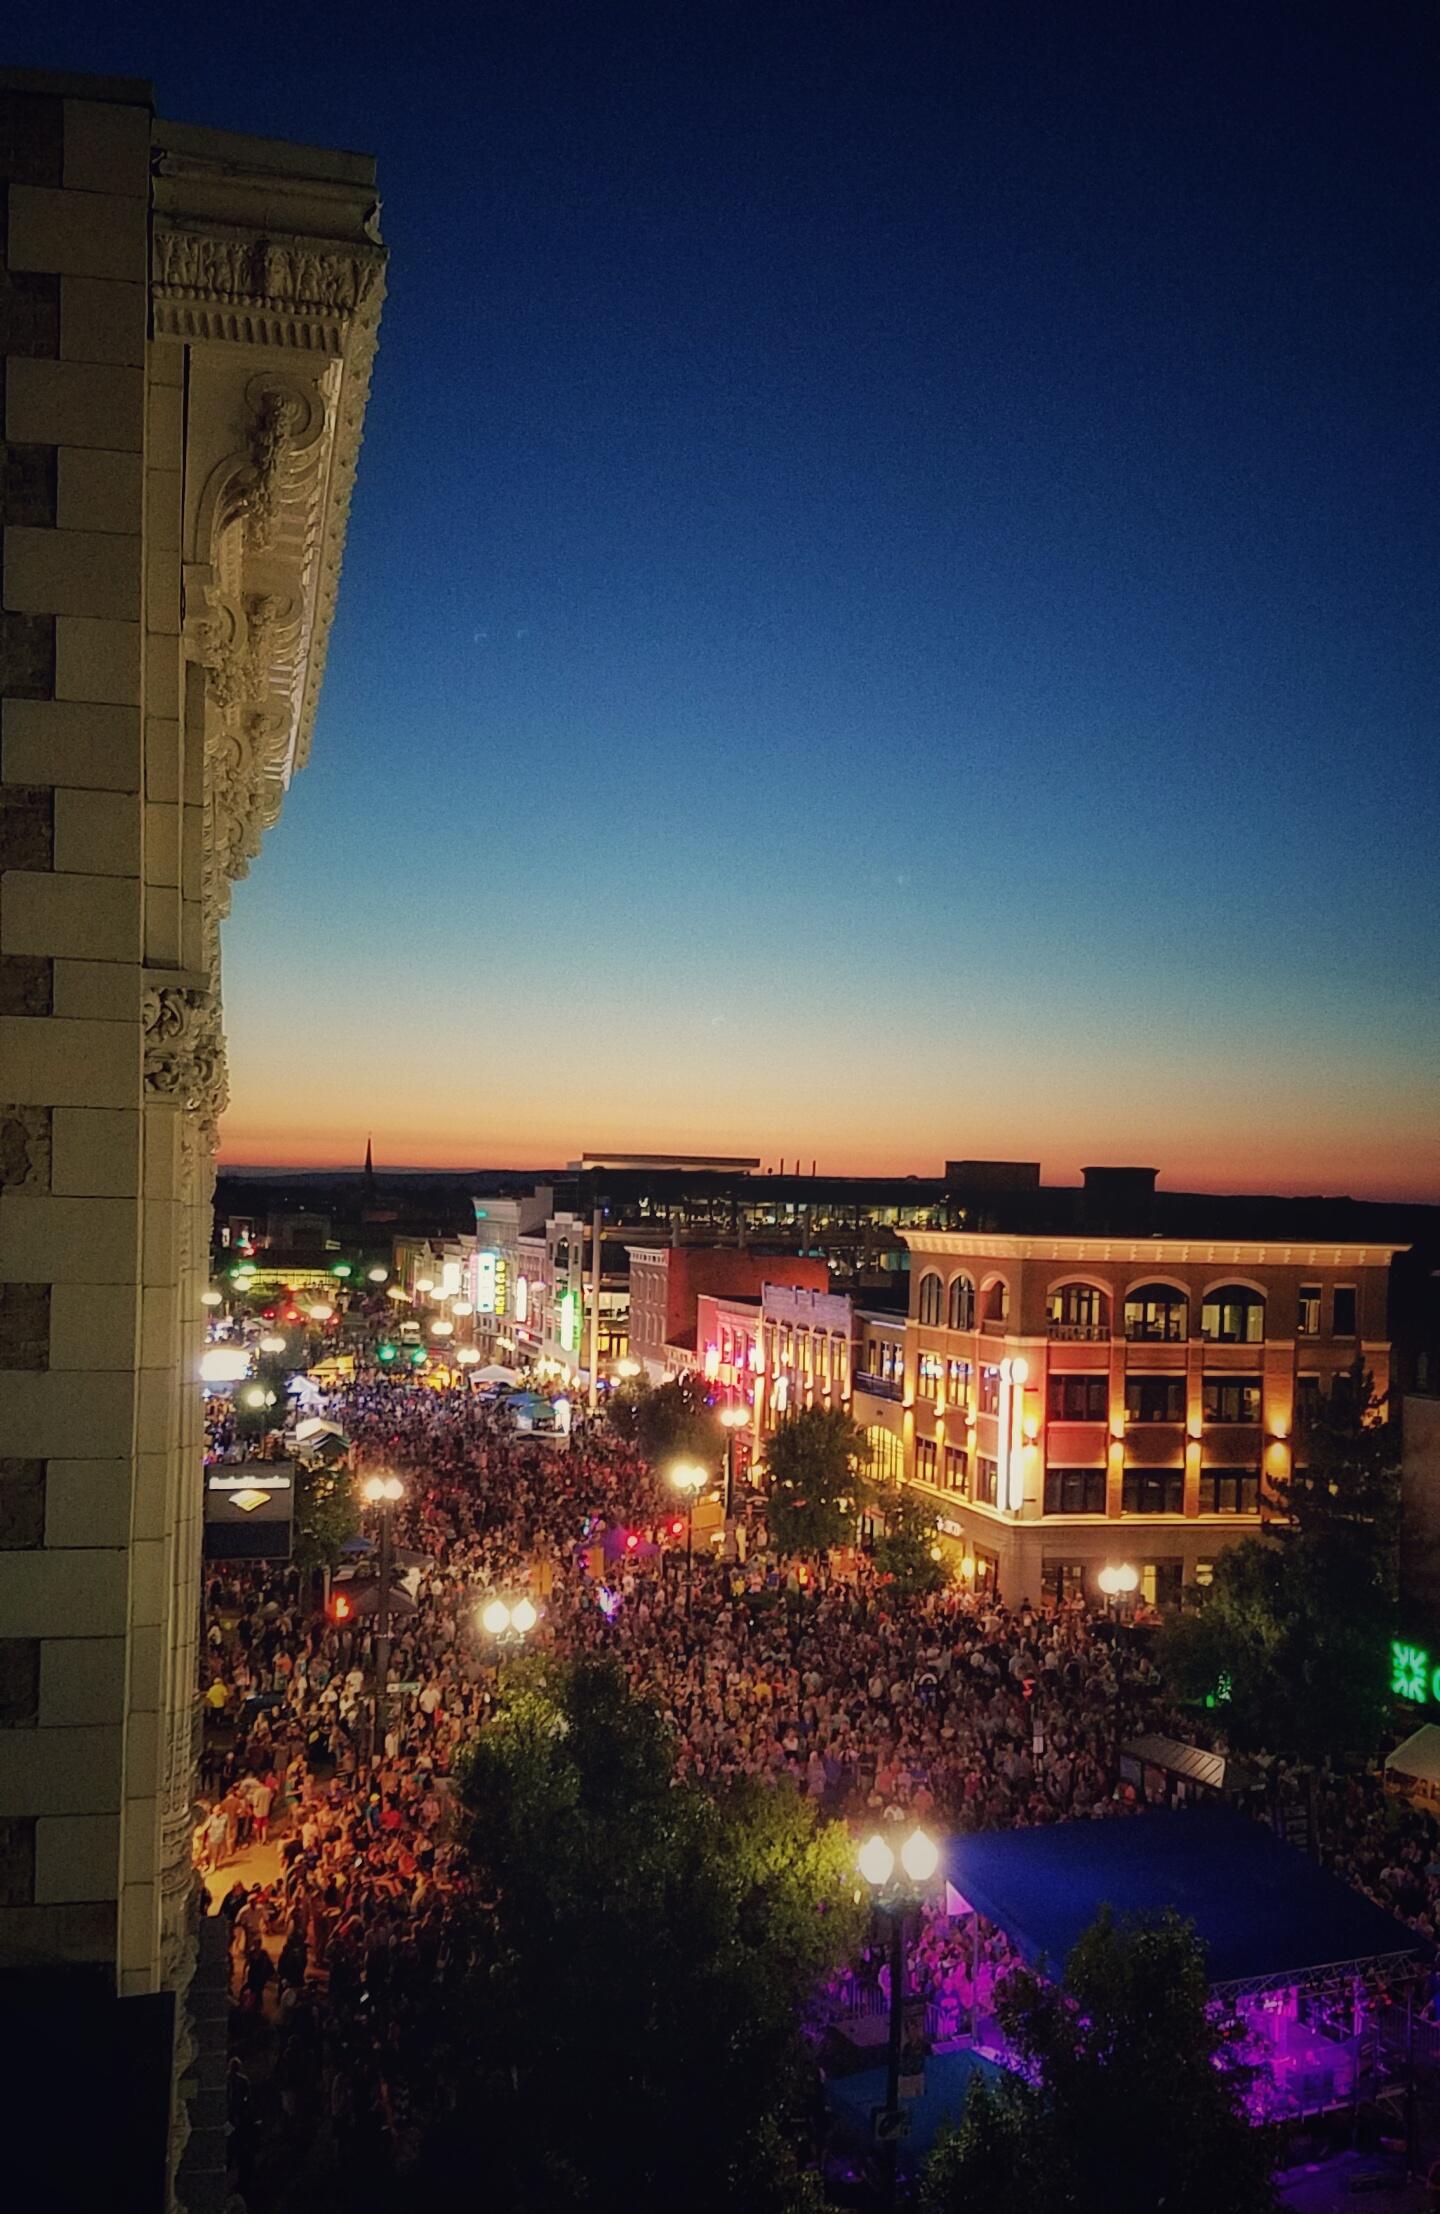 The Foster, Schenectady Summer Night